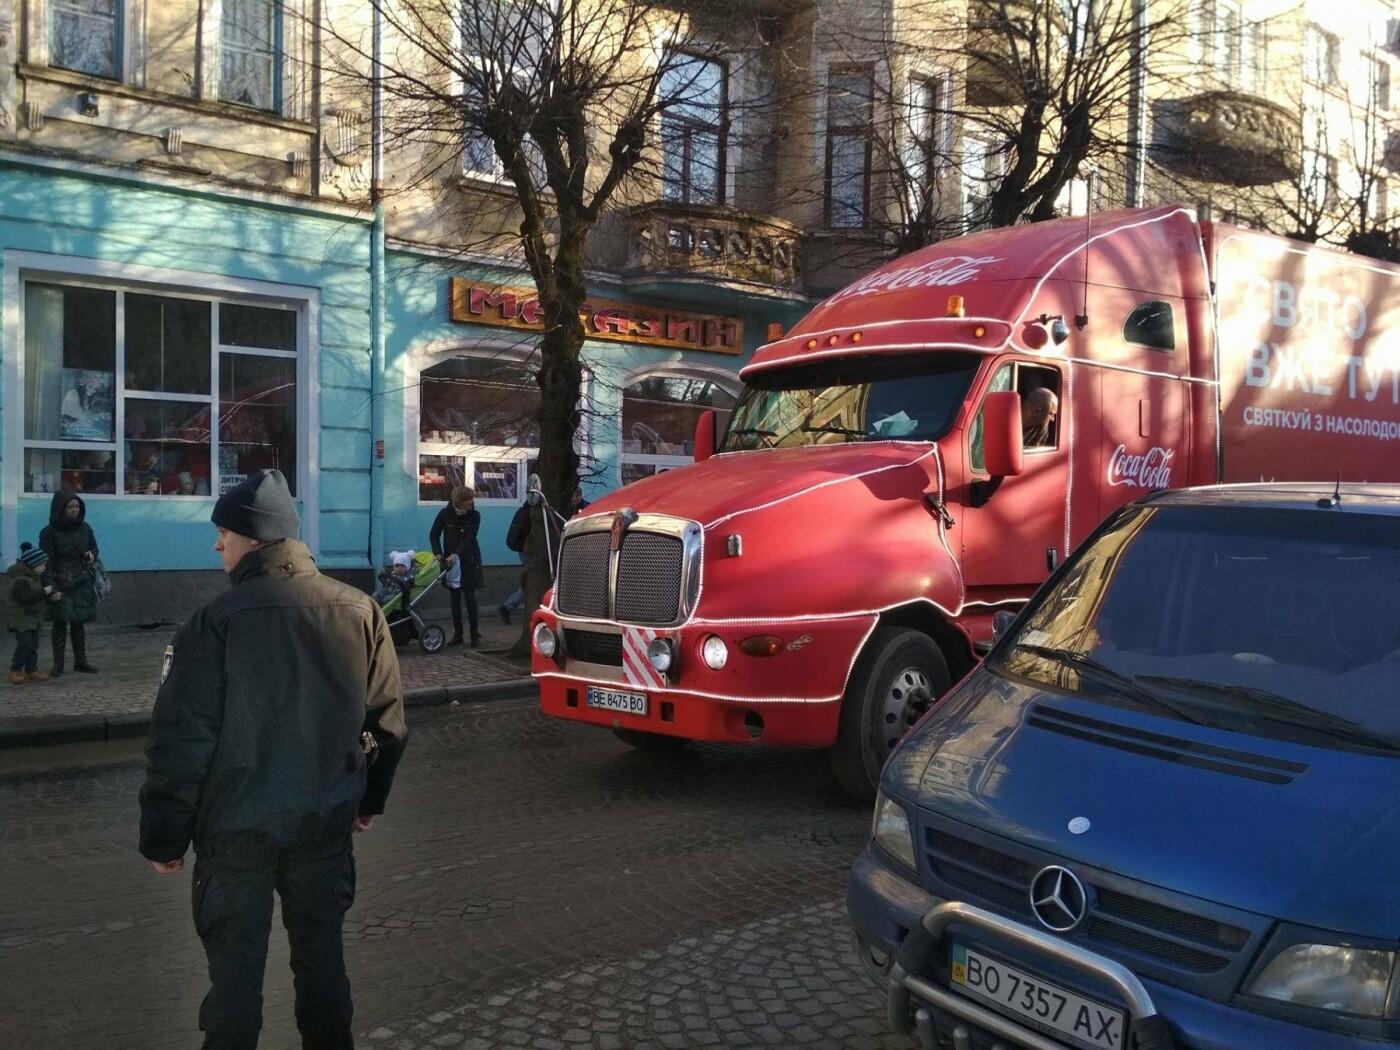 """Святкова вантажівка """"Coca-Cola"""" у центрі Тернополя викликала фурор (фото), фото-3"""